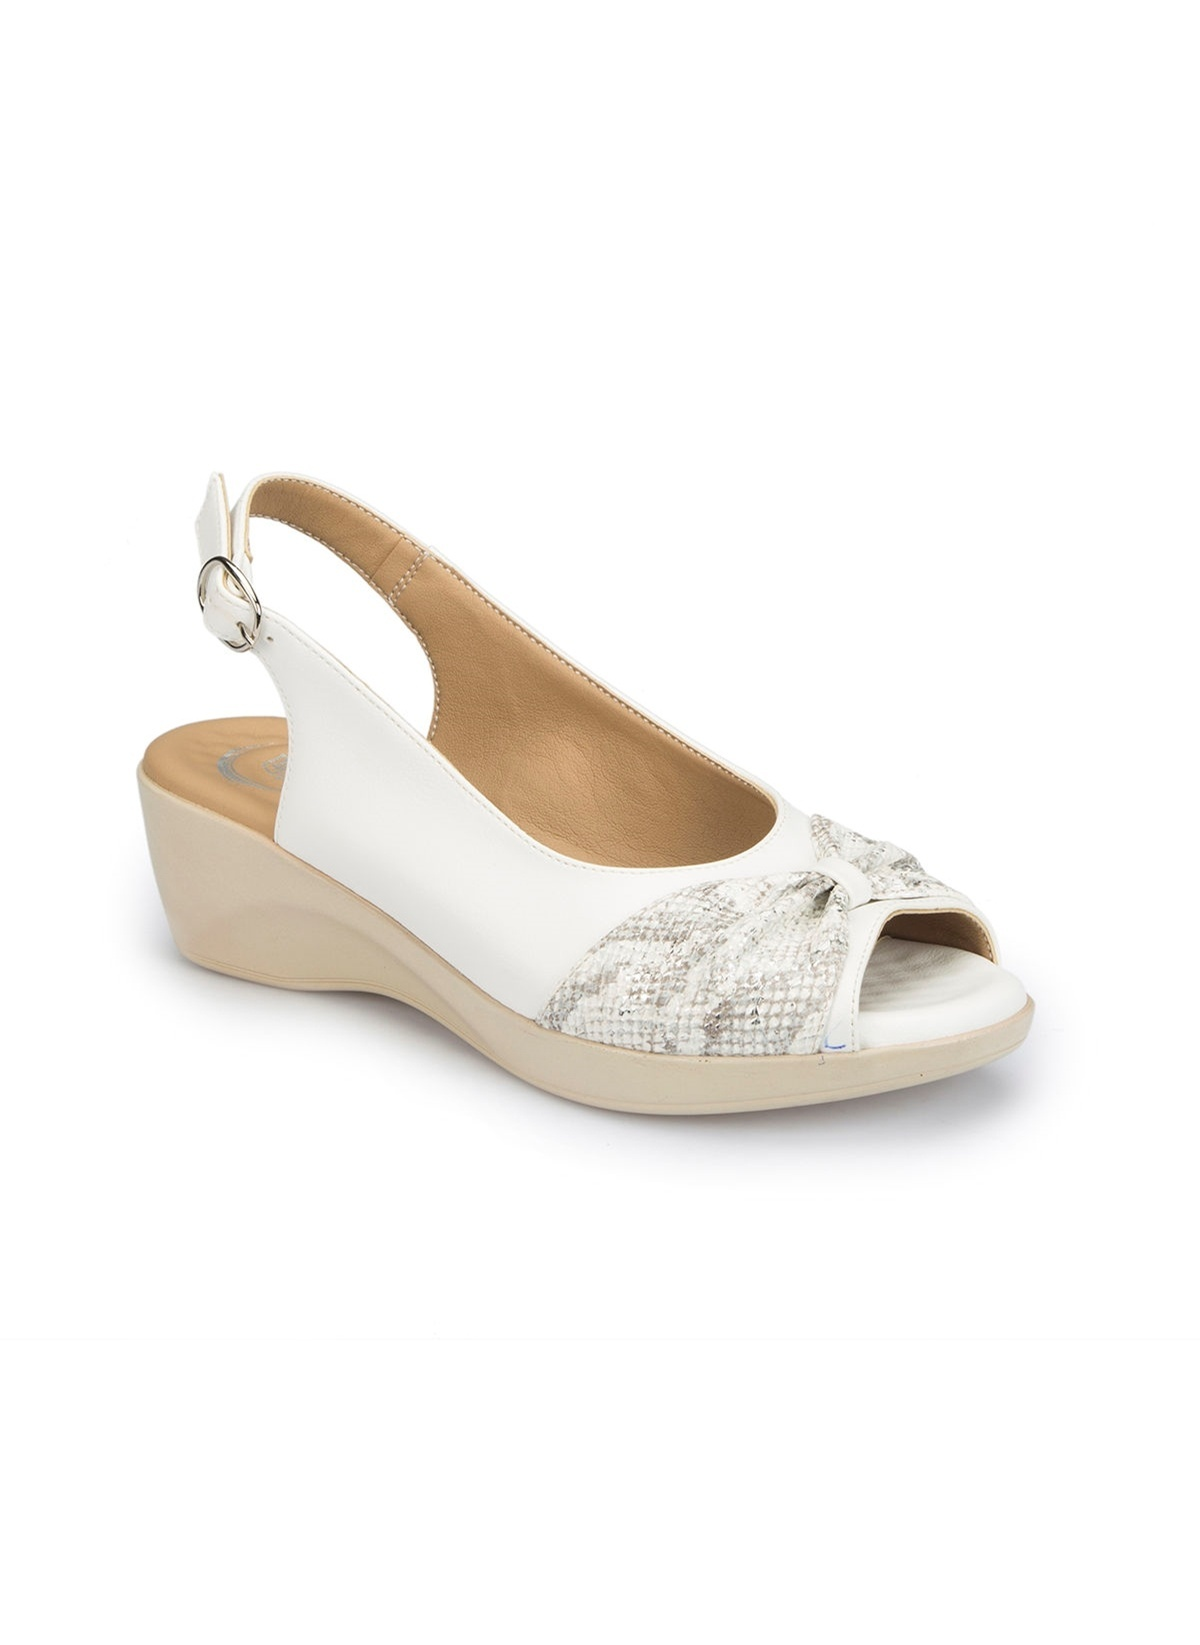 Polaris Ayakkabı 81.111210.z Basic Comfort – 53.0 TL